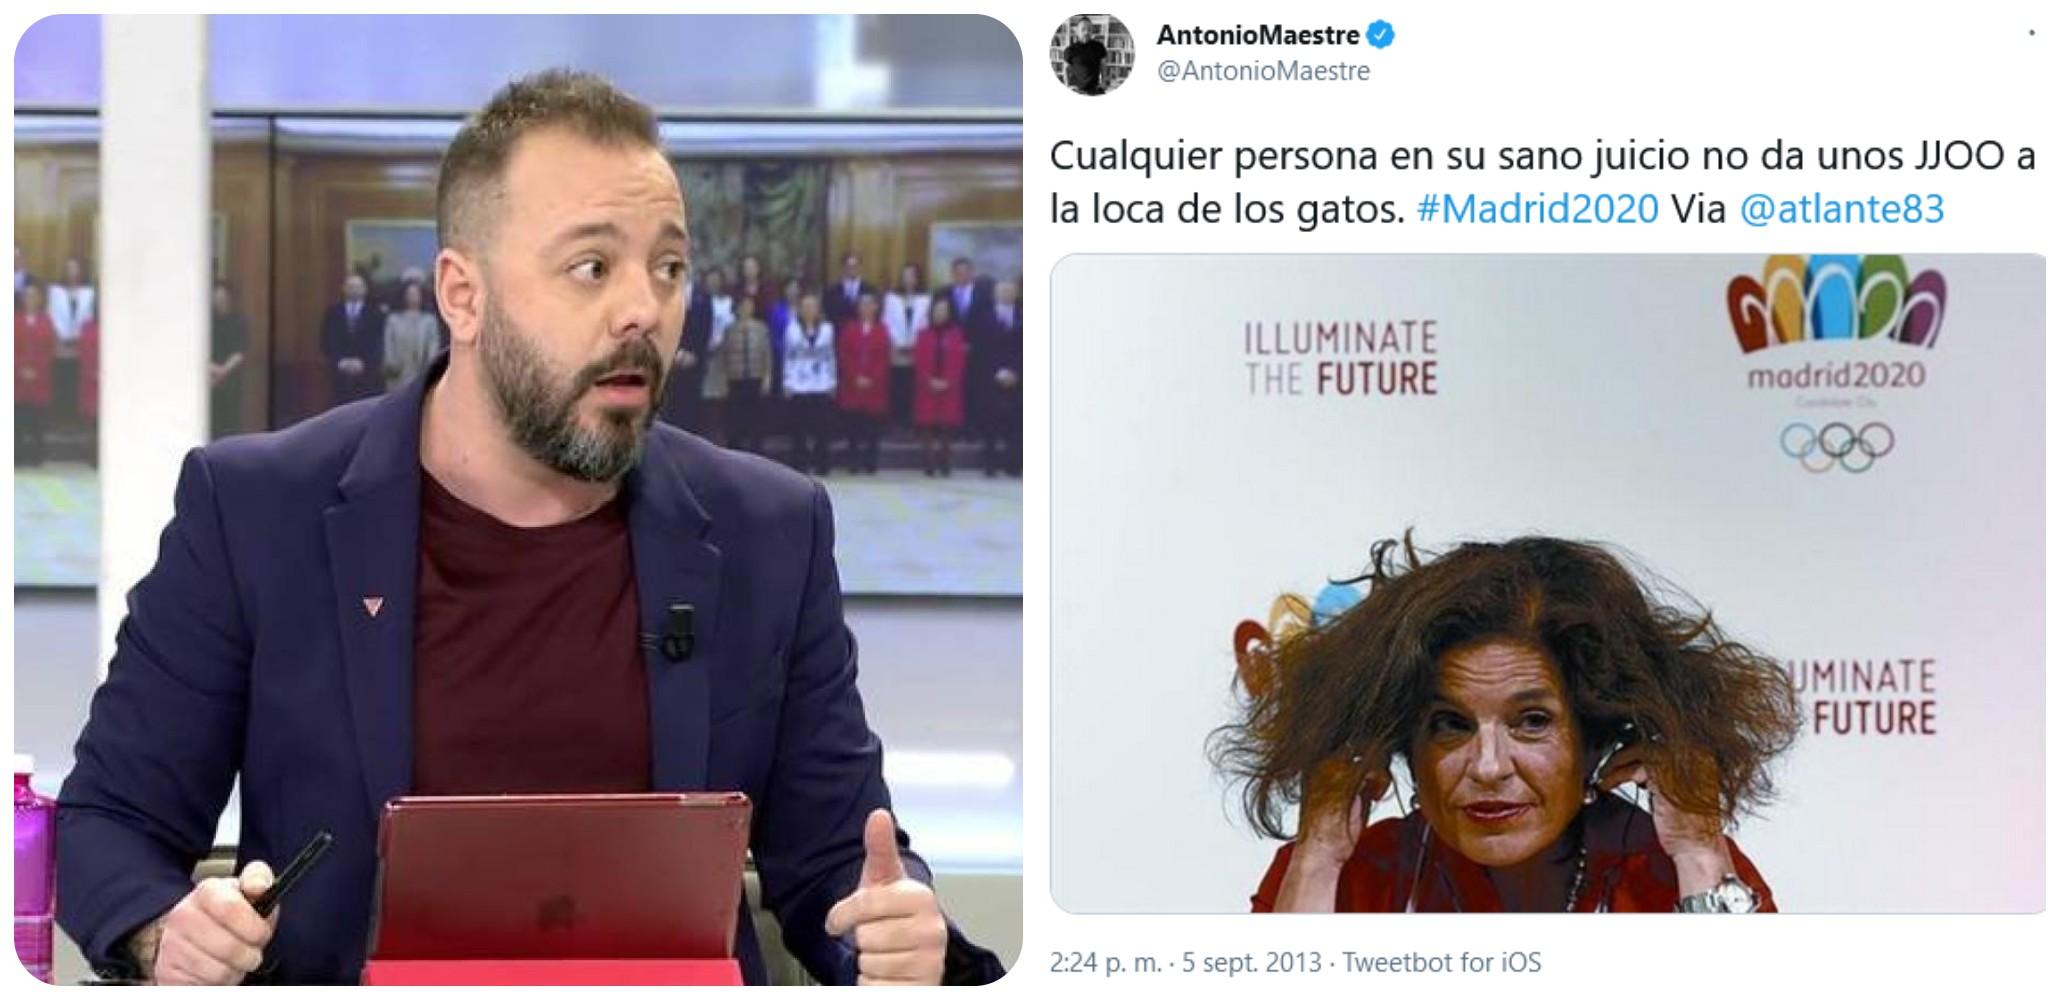 """'Ofendidito' Antonio Maestre, ¿ya no te acuerdas de cuando llamaste """"loca de los gatos"""" a Ana Botella?"""